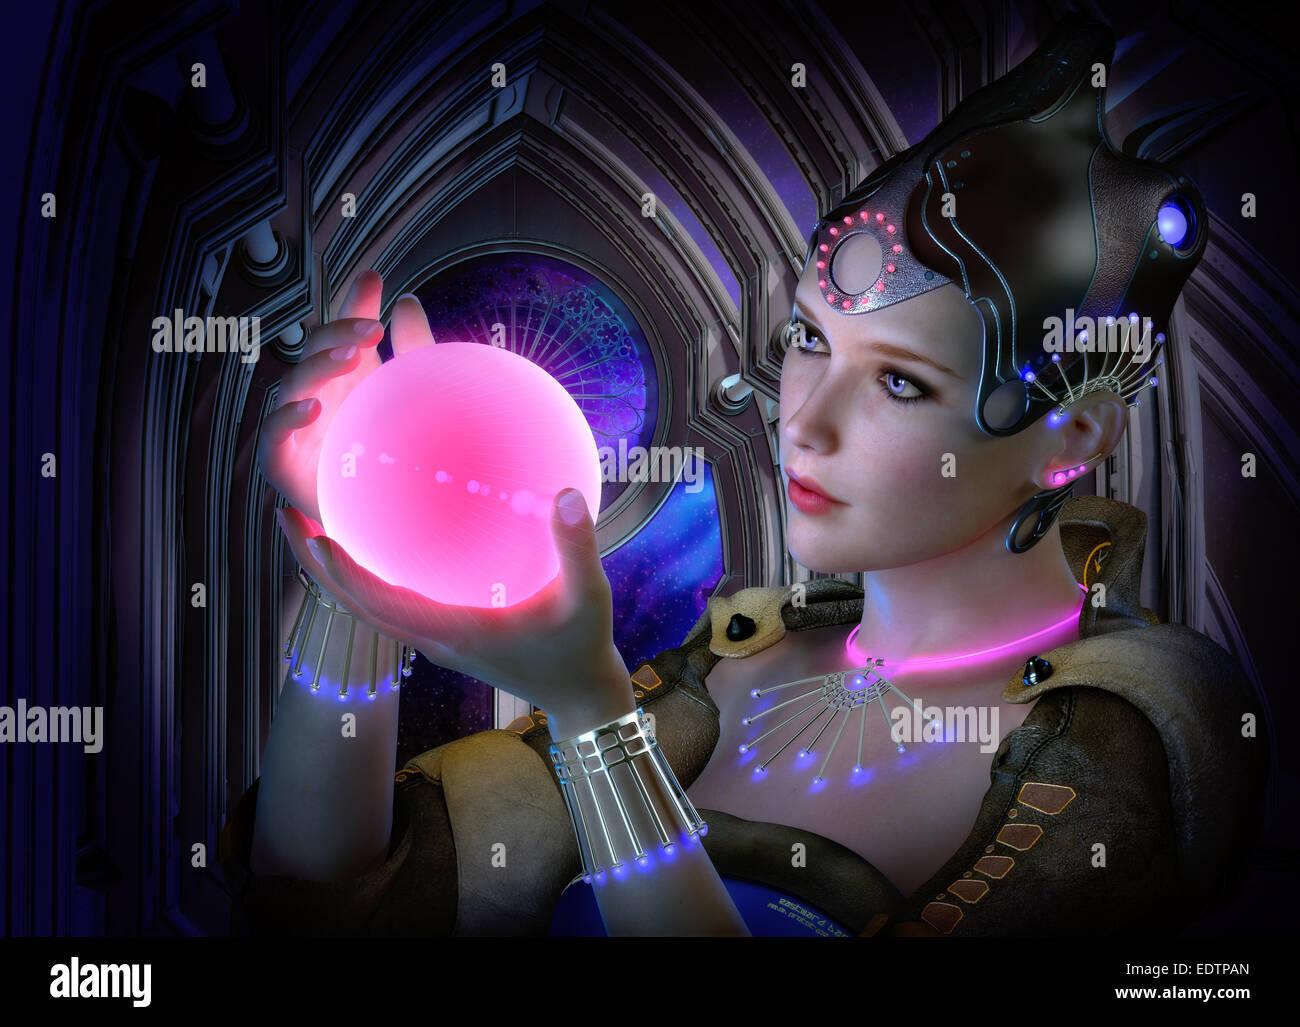 Gráficos 3D por computadora del retrato de una mujer con la ropa y las joyas estilo de ciencia ficción y una brillante Foto de stock